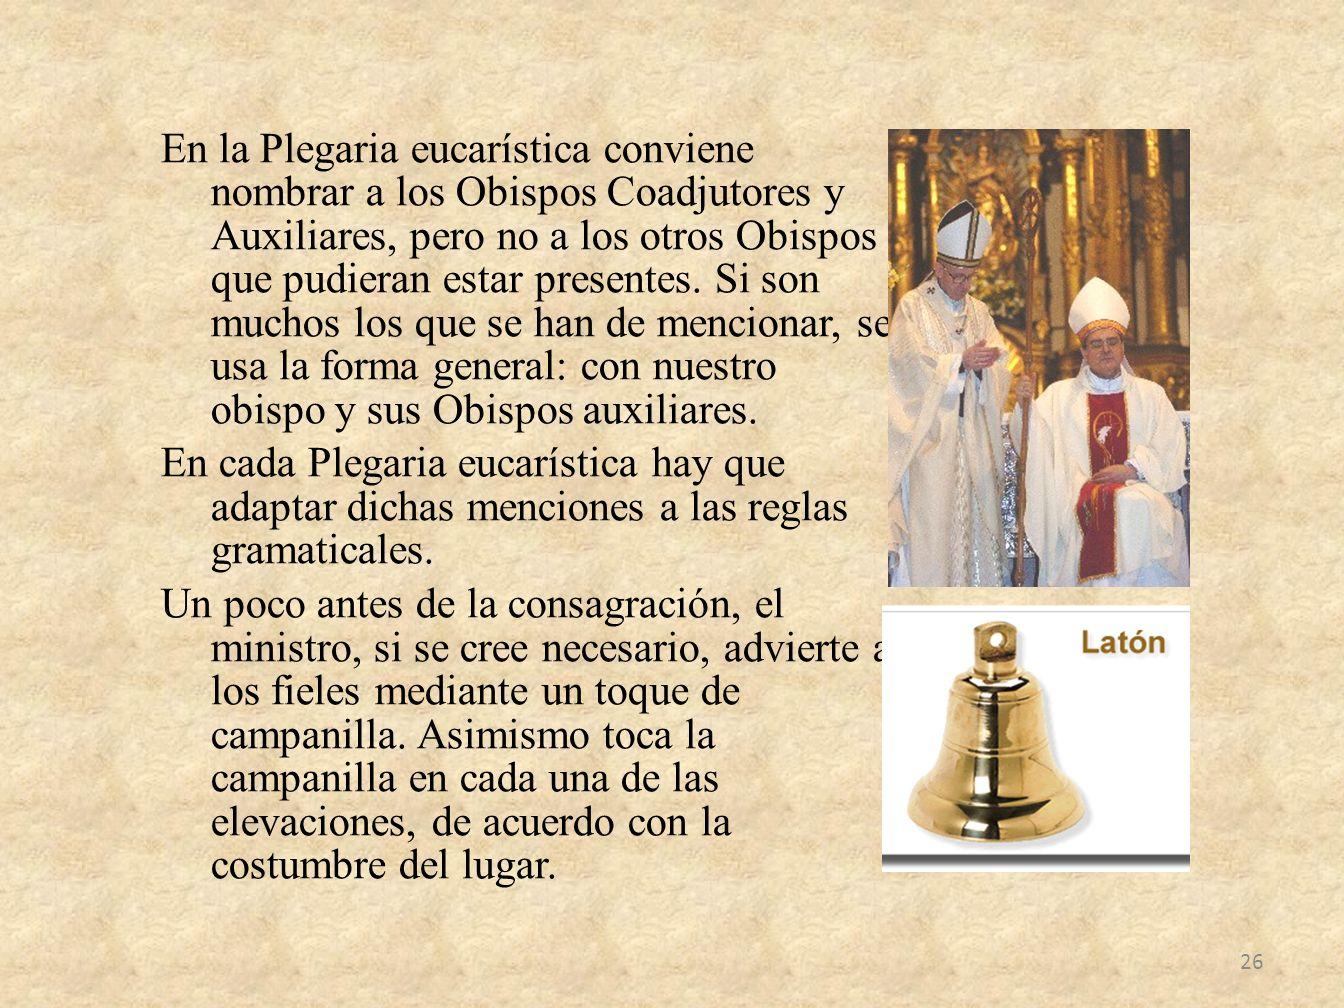 En la Plegaria eucarística conviene nombrar a los Obispos Coadjutores y Auxiliares, pero no a los otros Obispos que pudieran estar presentes. Si son m